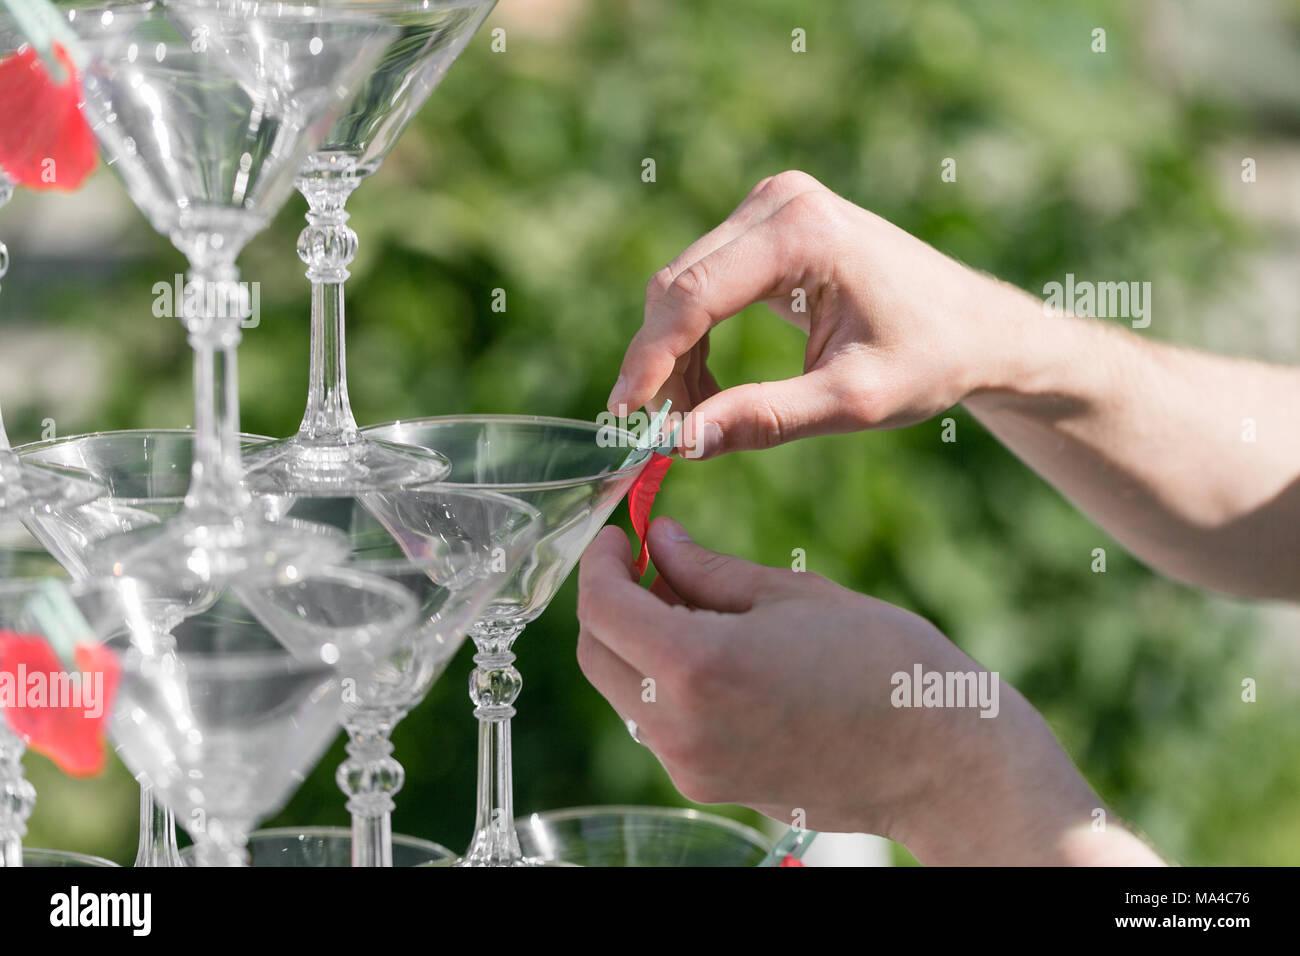 Le mani di un cameriere che rende la piramide fuori dai bicchieri per bevande, vino, champagne, Umore festive, celebrazione Immagini Stock